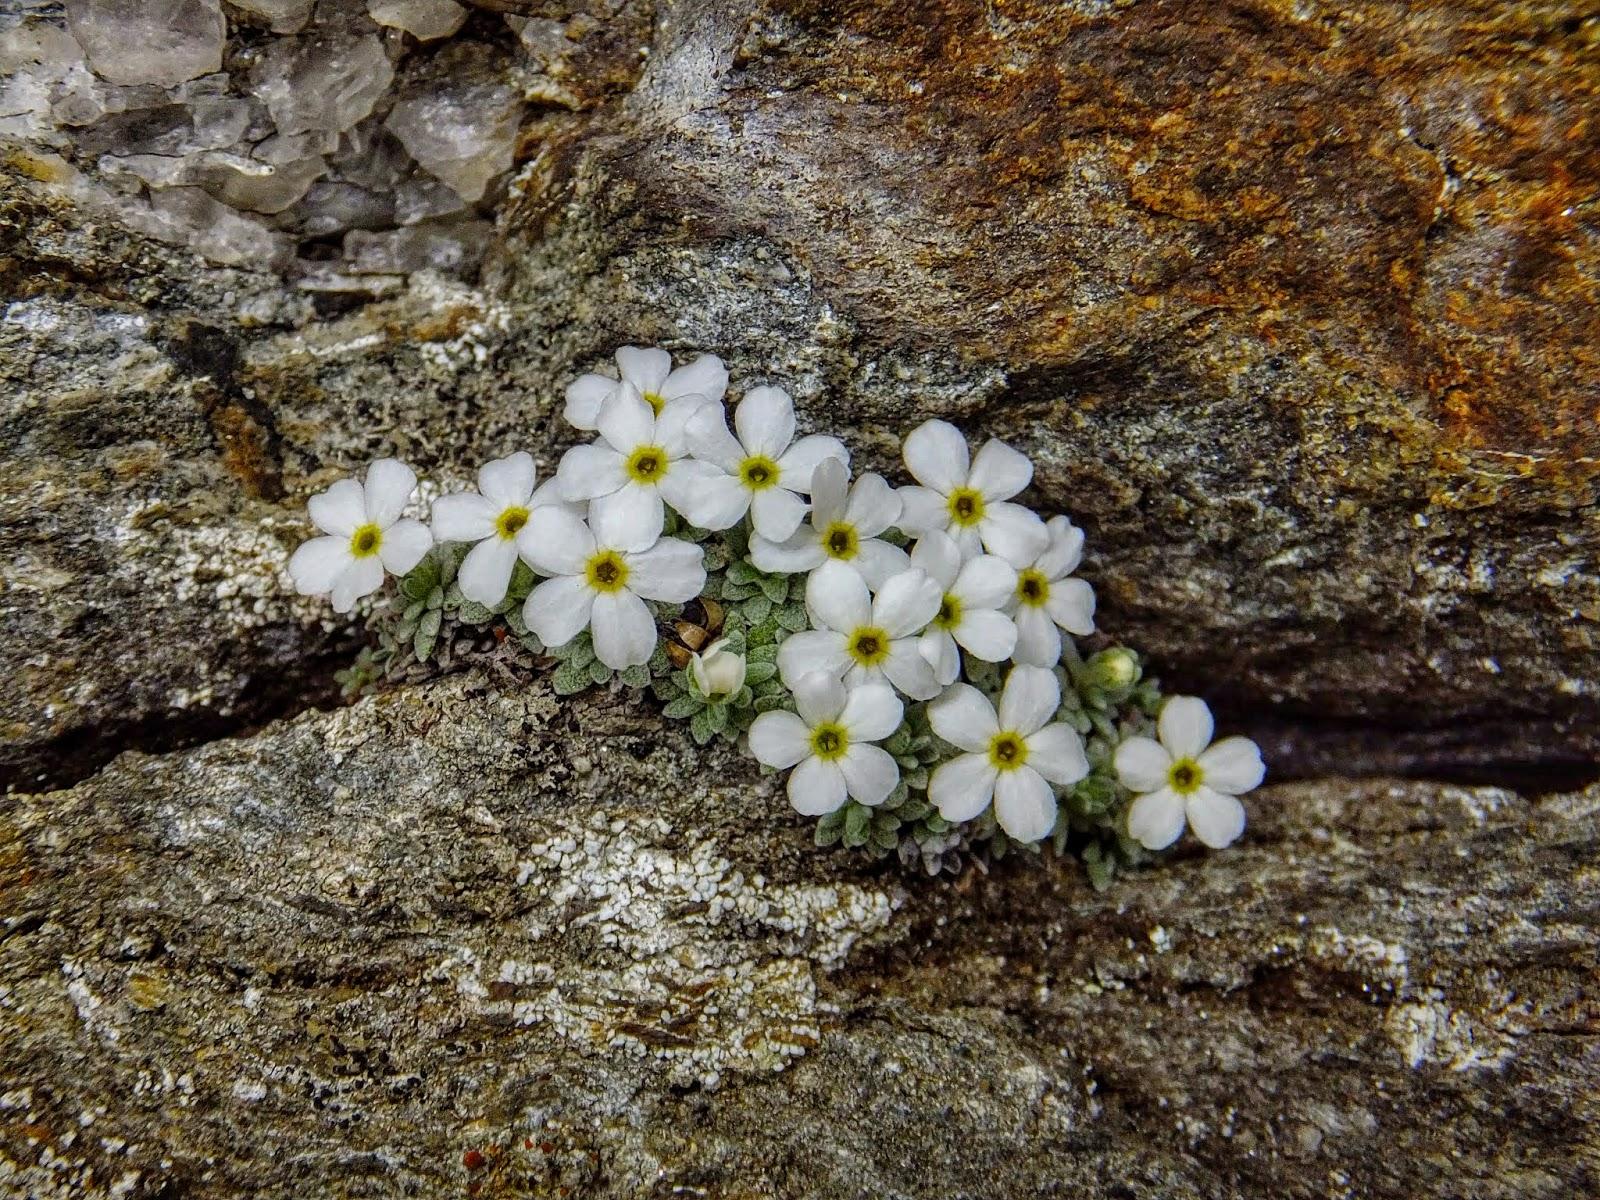 Malati di montagna flora alpina adattamento delle piante for Piante classificazioni inferiori successive